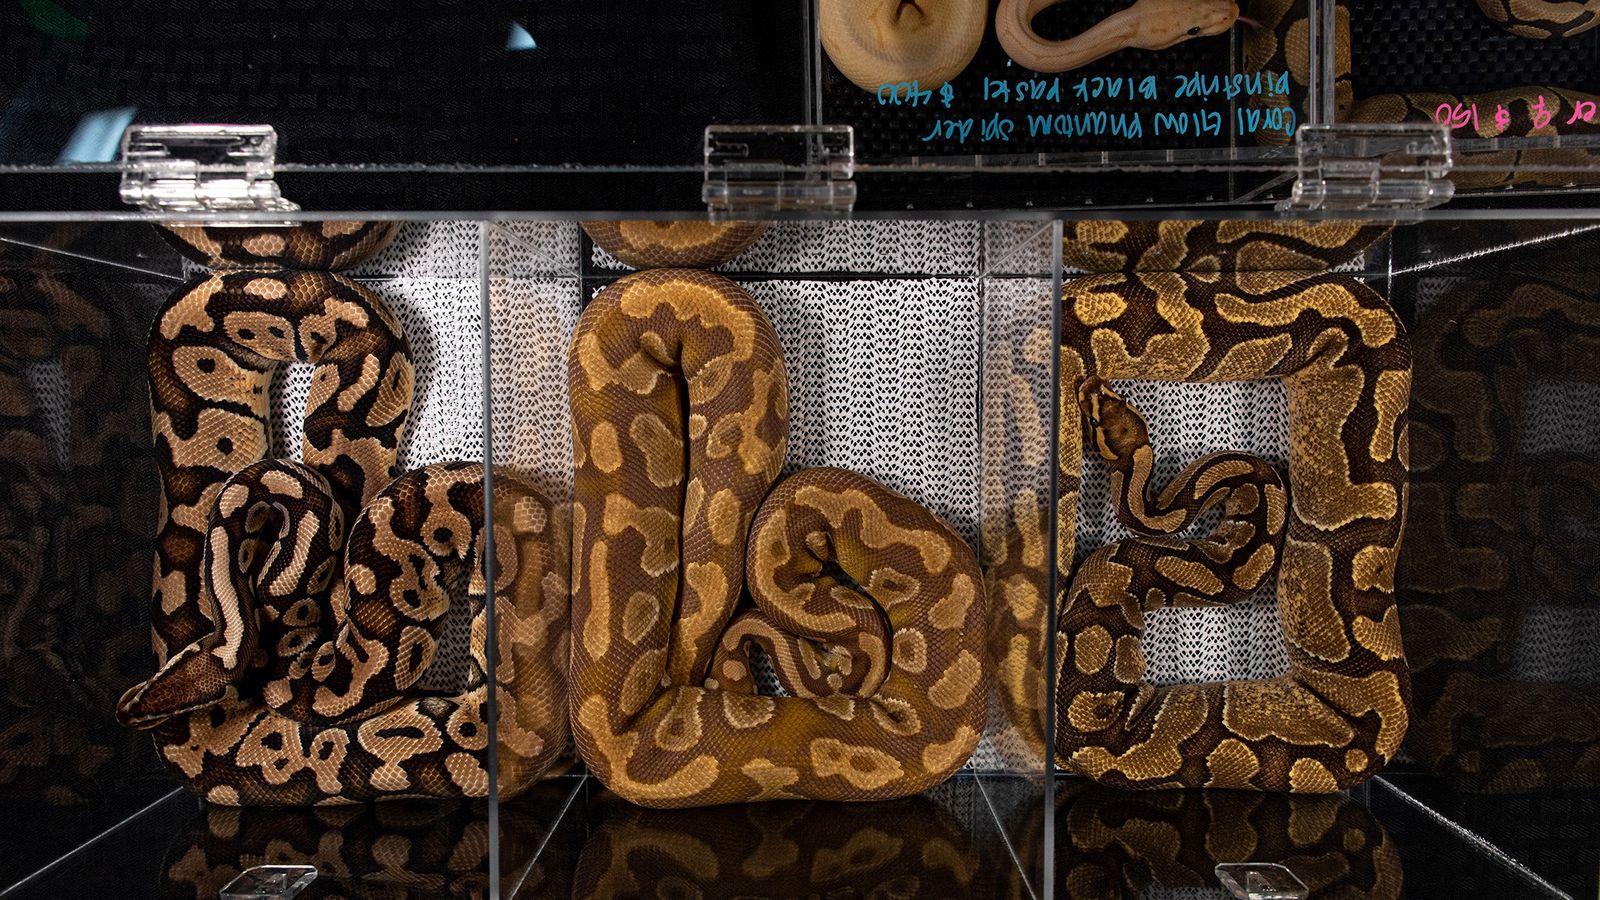 Pítons-reais criadas em cativeiro, que podem apresentar centenas de cores e tons, são exibidas para venda ...